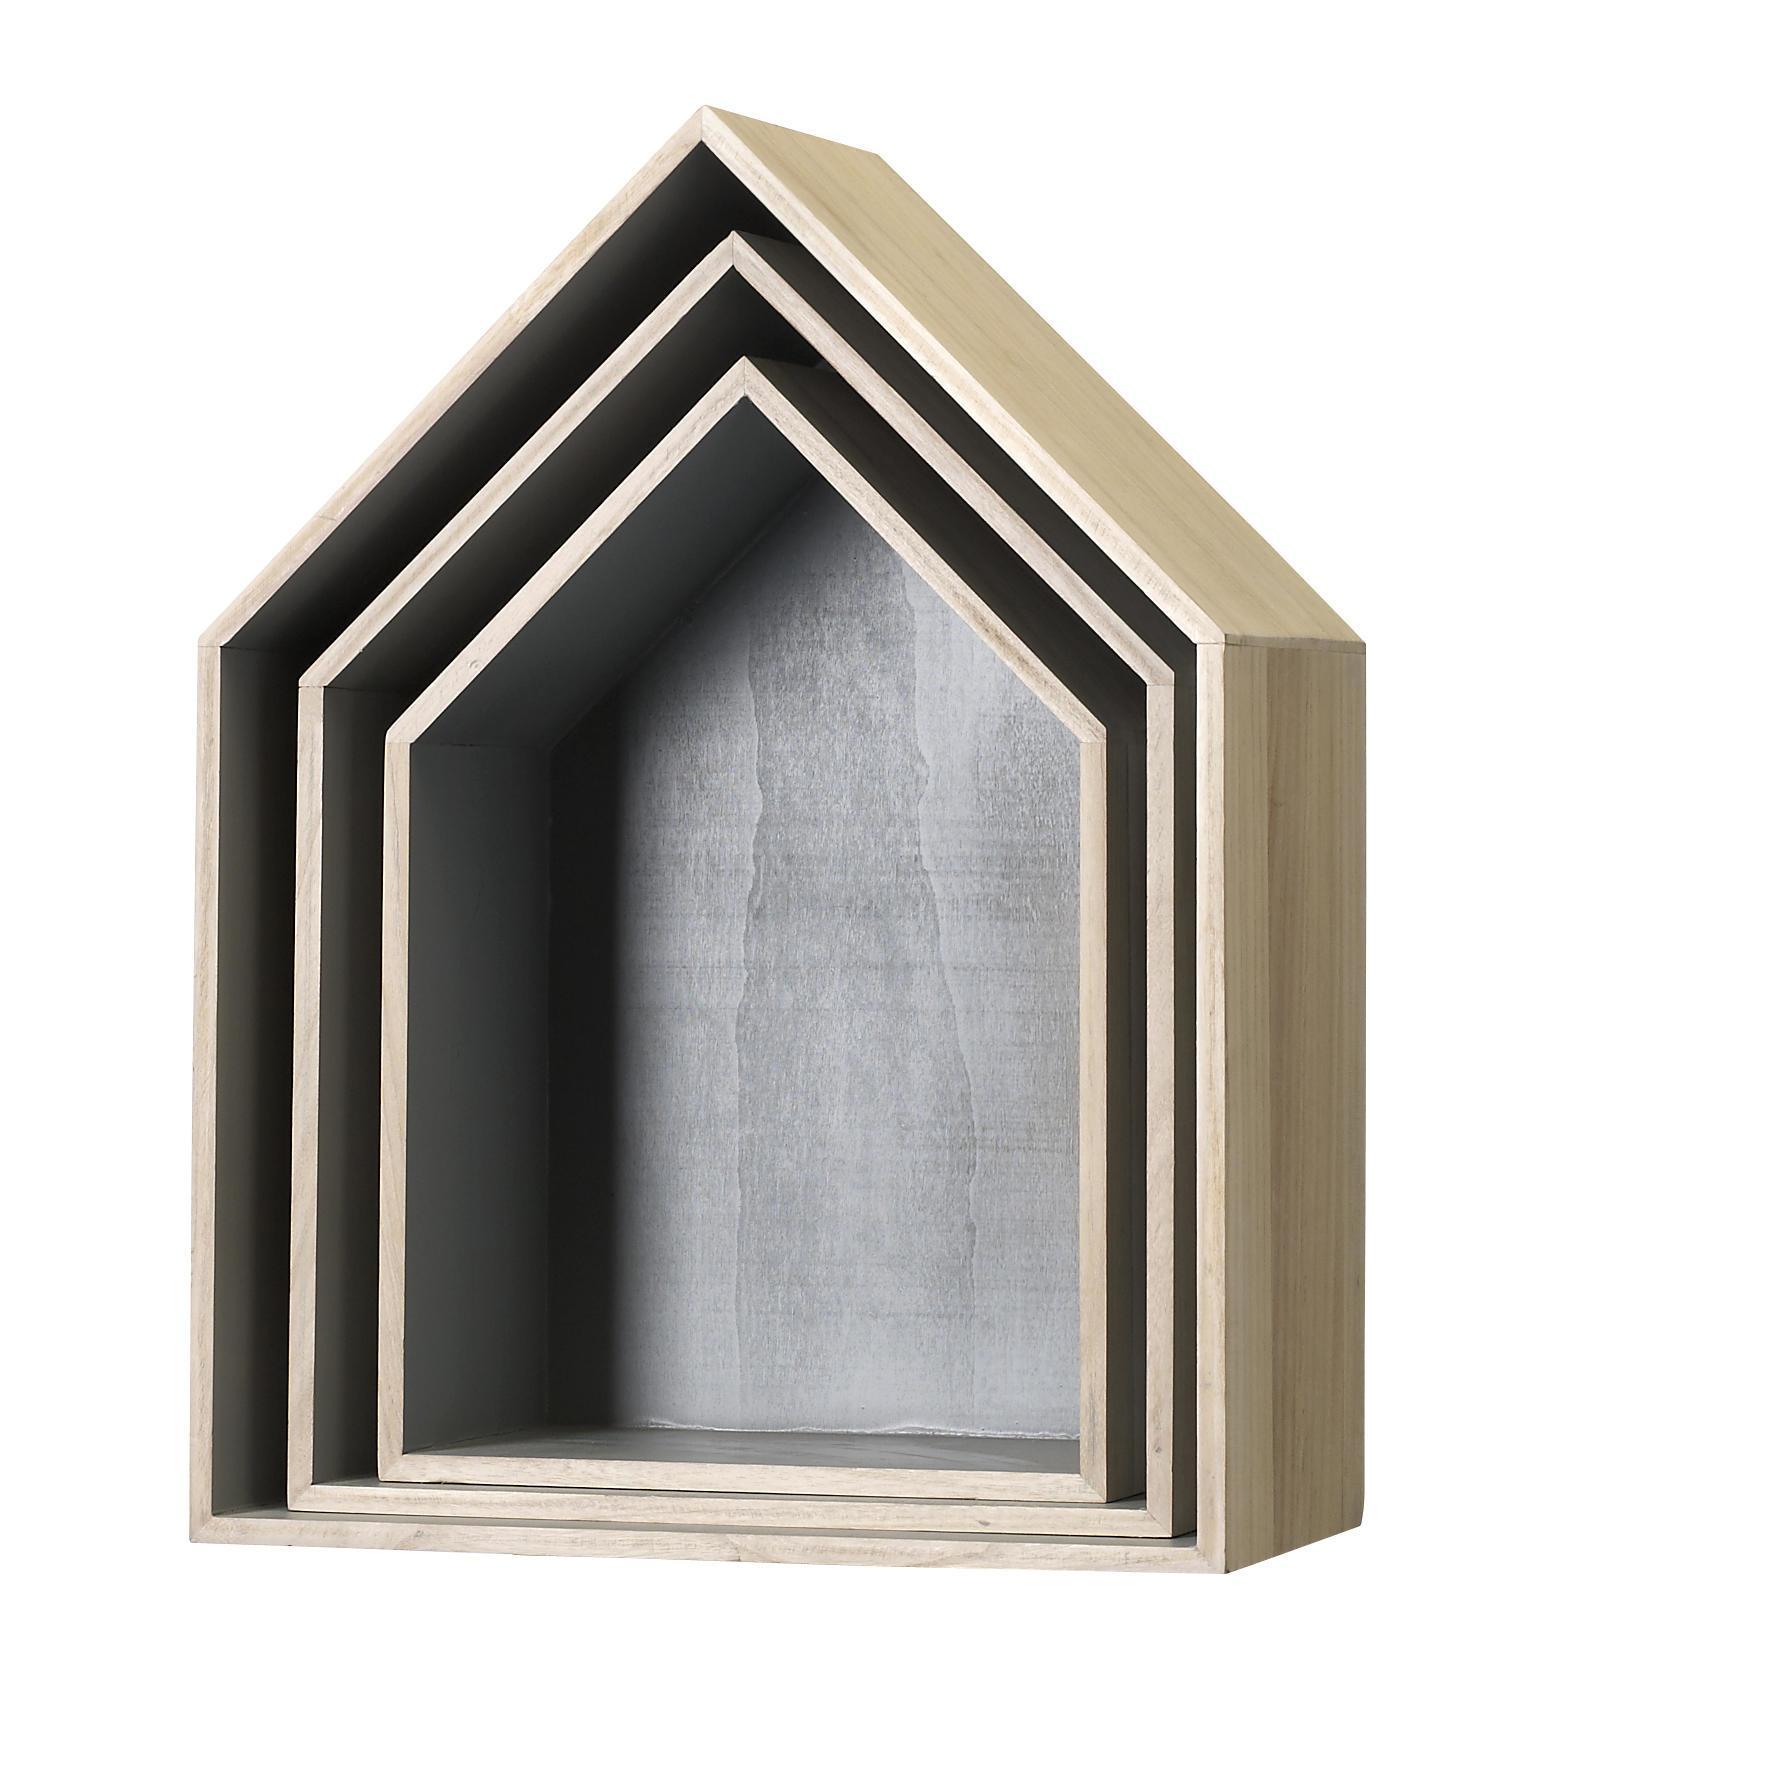 Bloomingville Nástěnná polička House Grey Velikost L, béžová barva, šedá barva, hnědá barva, dřevo